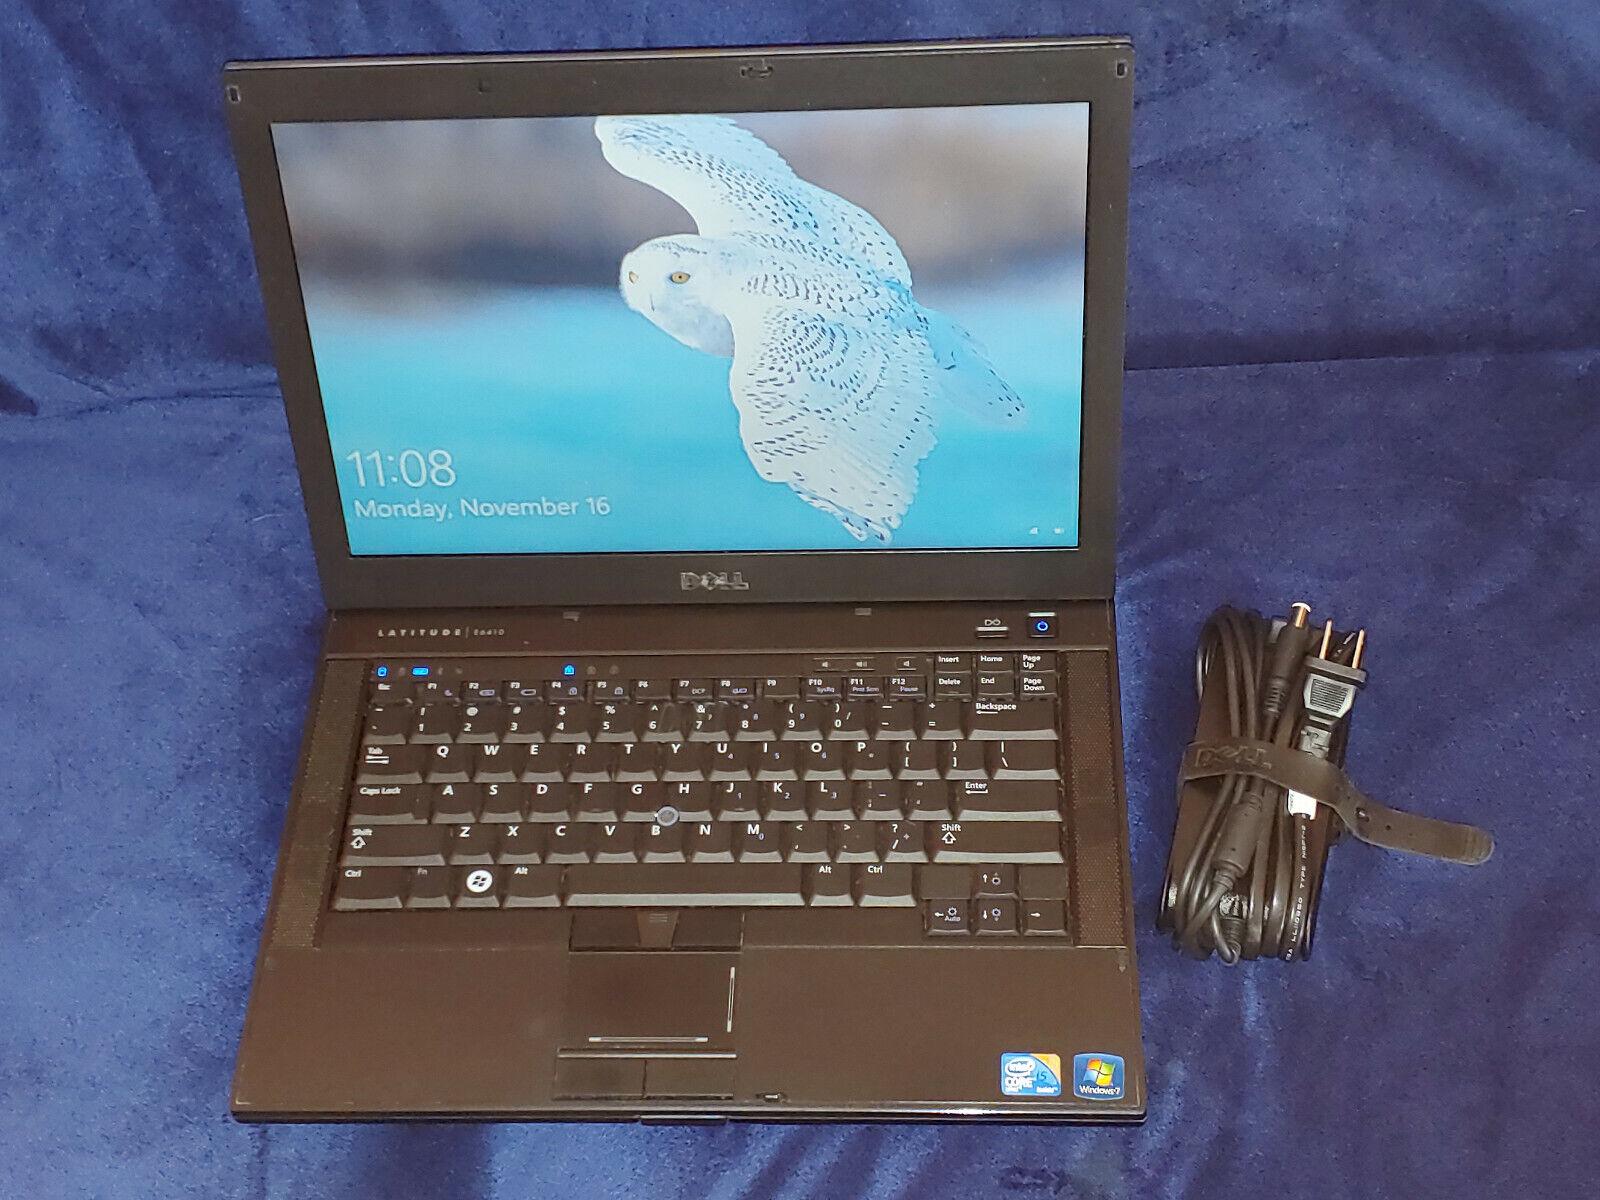 Dell Latitude E6410 Core I5 2.4GHz 4GB RAM 320GB HDD Win 10 Pro SEE COND - $65.00